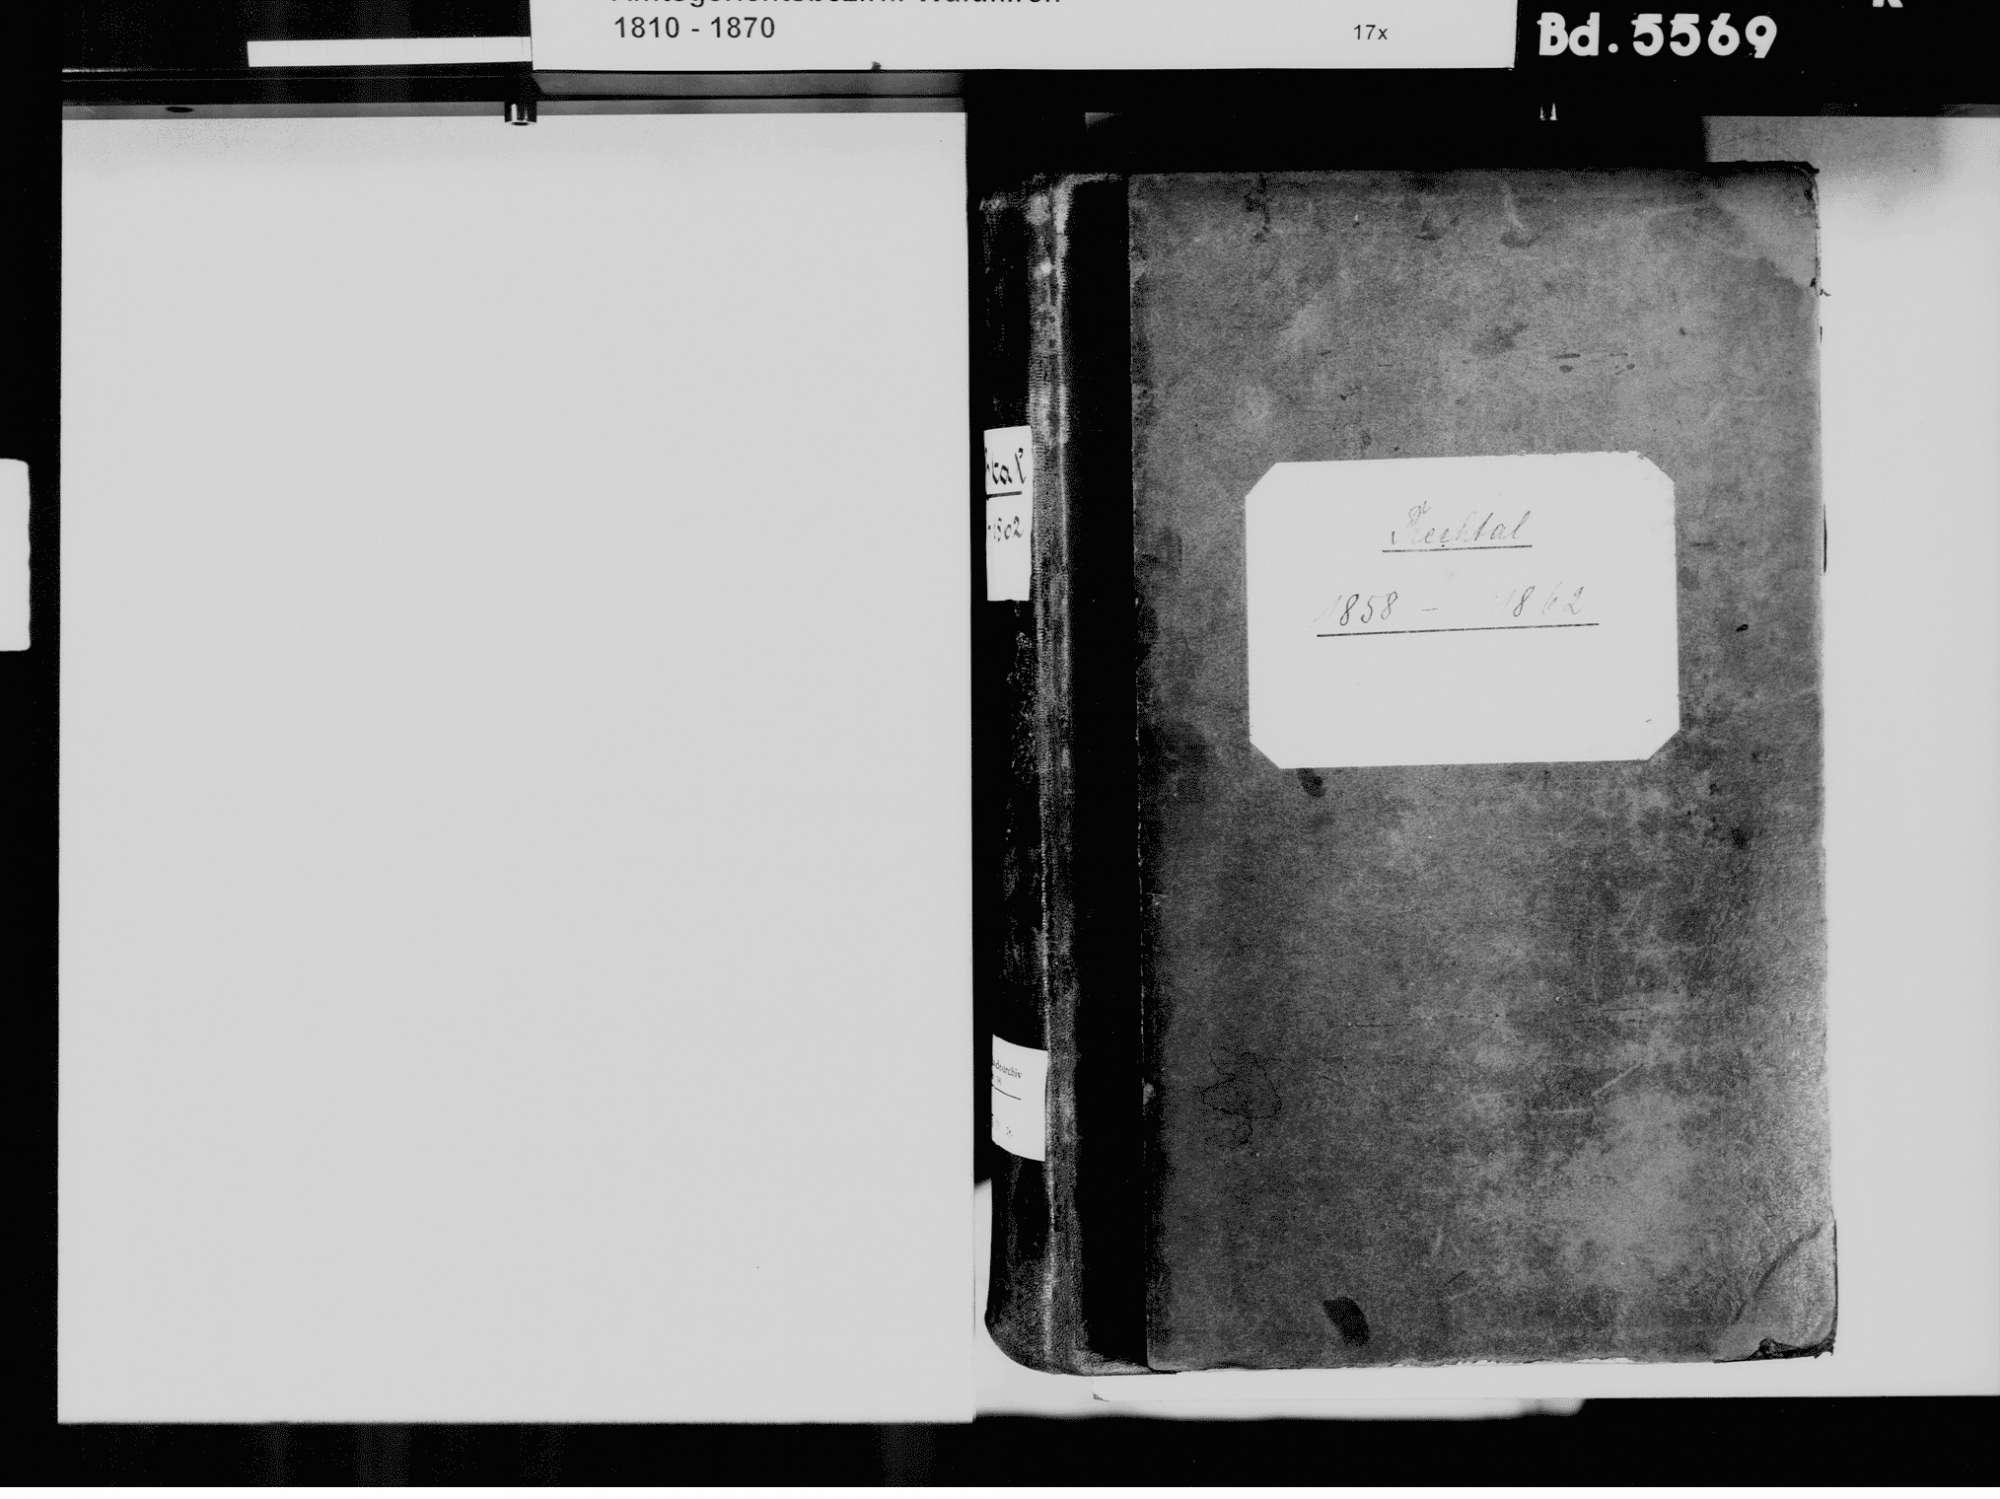 Prechtal, Elzach EM; Evangelische Gemeinde: Standesbuch 1858-1862 Prechtal, Elzach EM; Katholische Gemeinde: Standesbuch 1858-1862, Bild 3